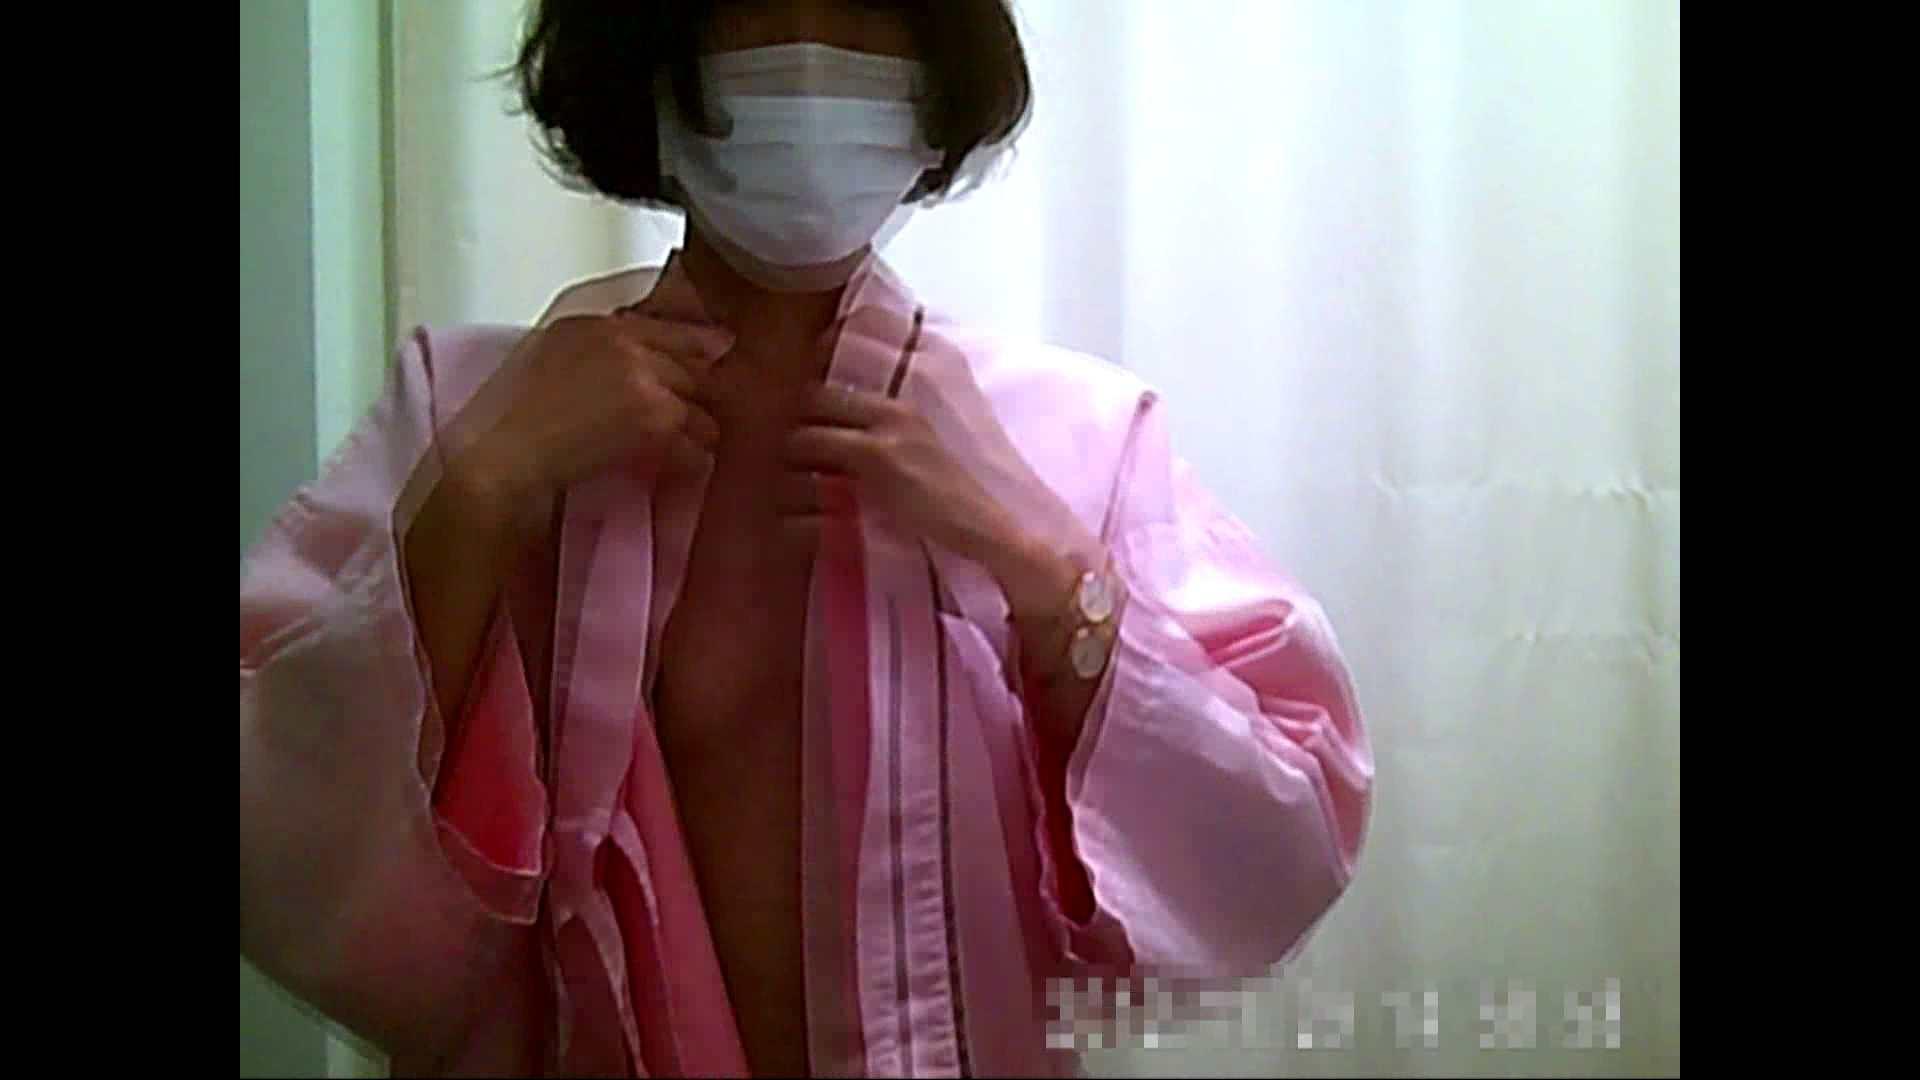 元医者による反抗 更衣室地獄絵巻 vol.132 OL   0  46連発 46